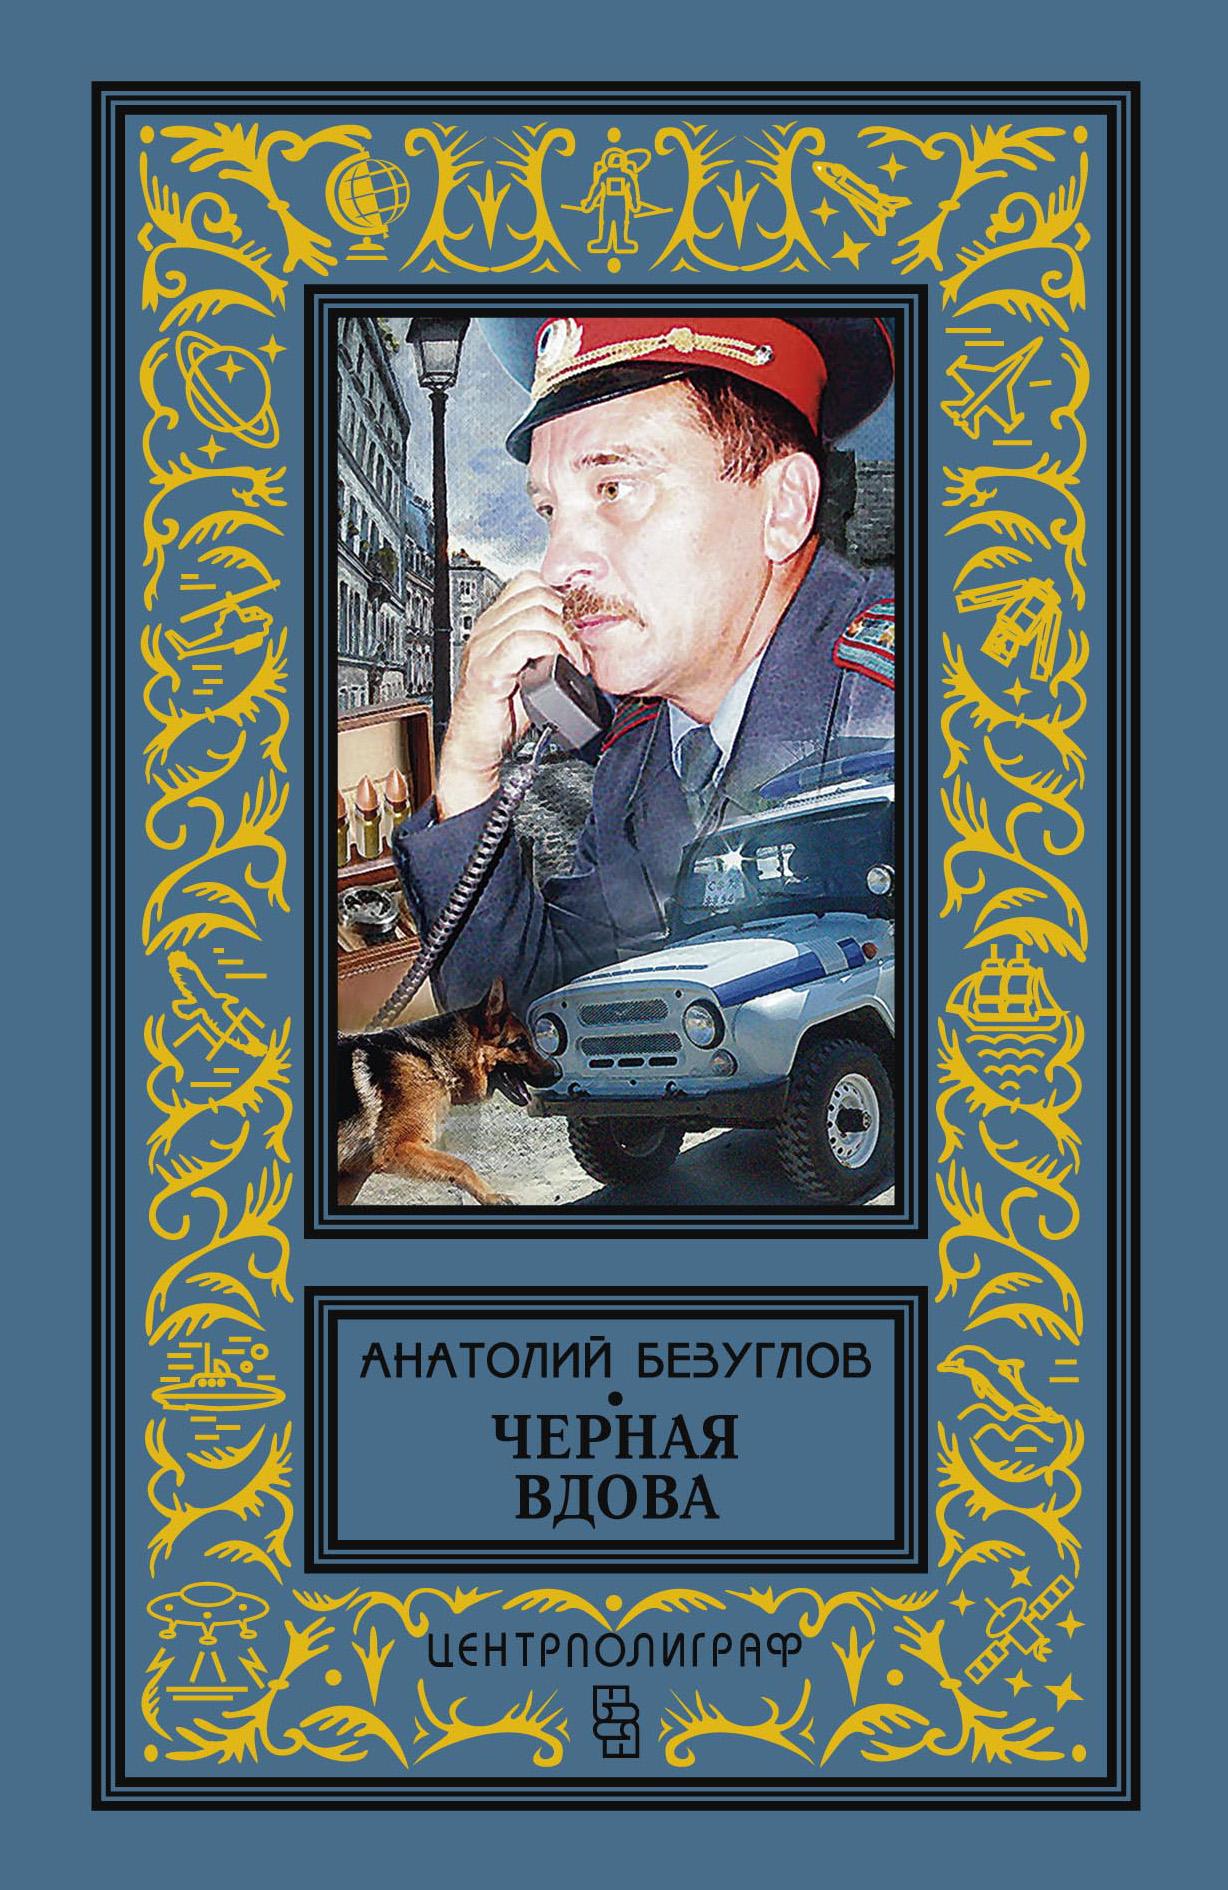 Анатолий Безуглов Черная вдова